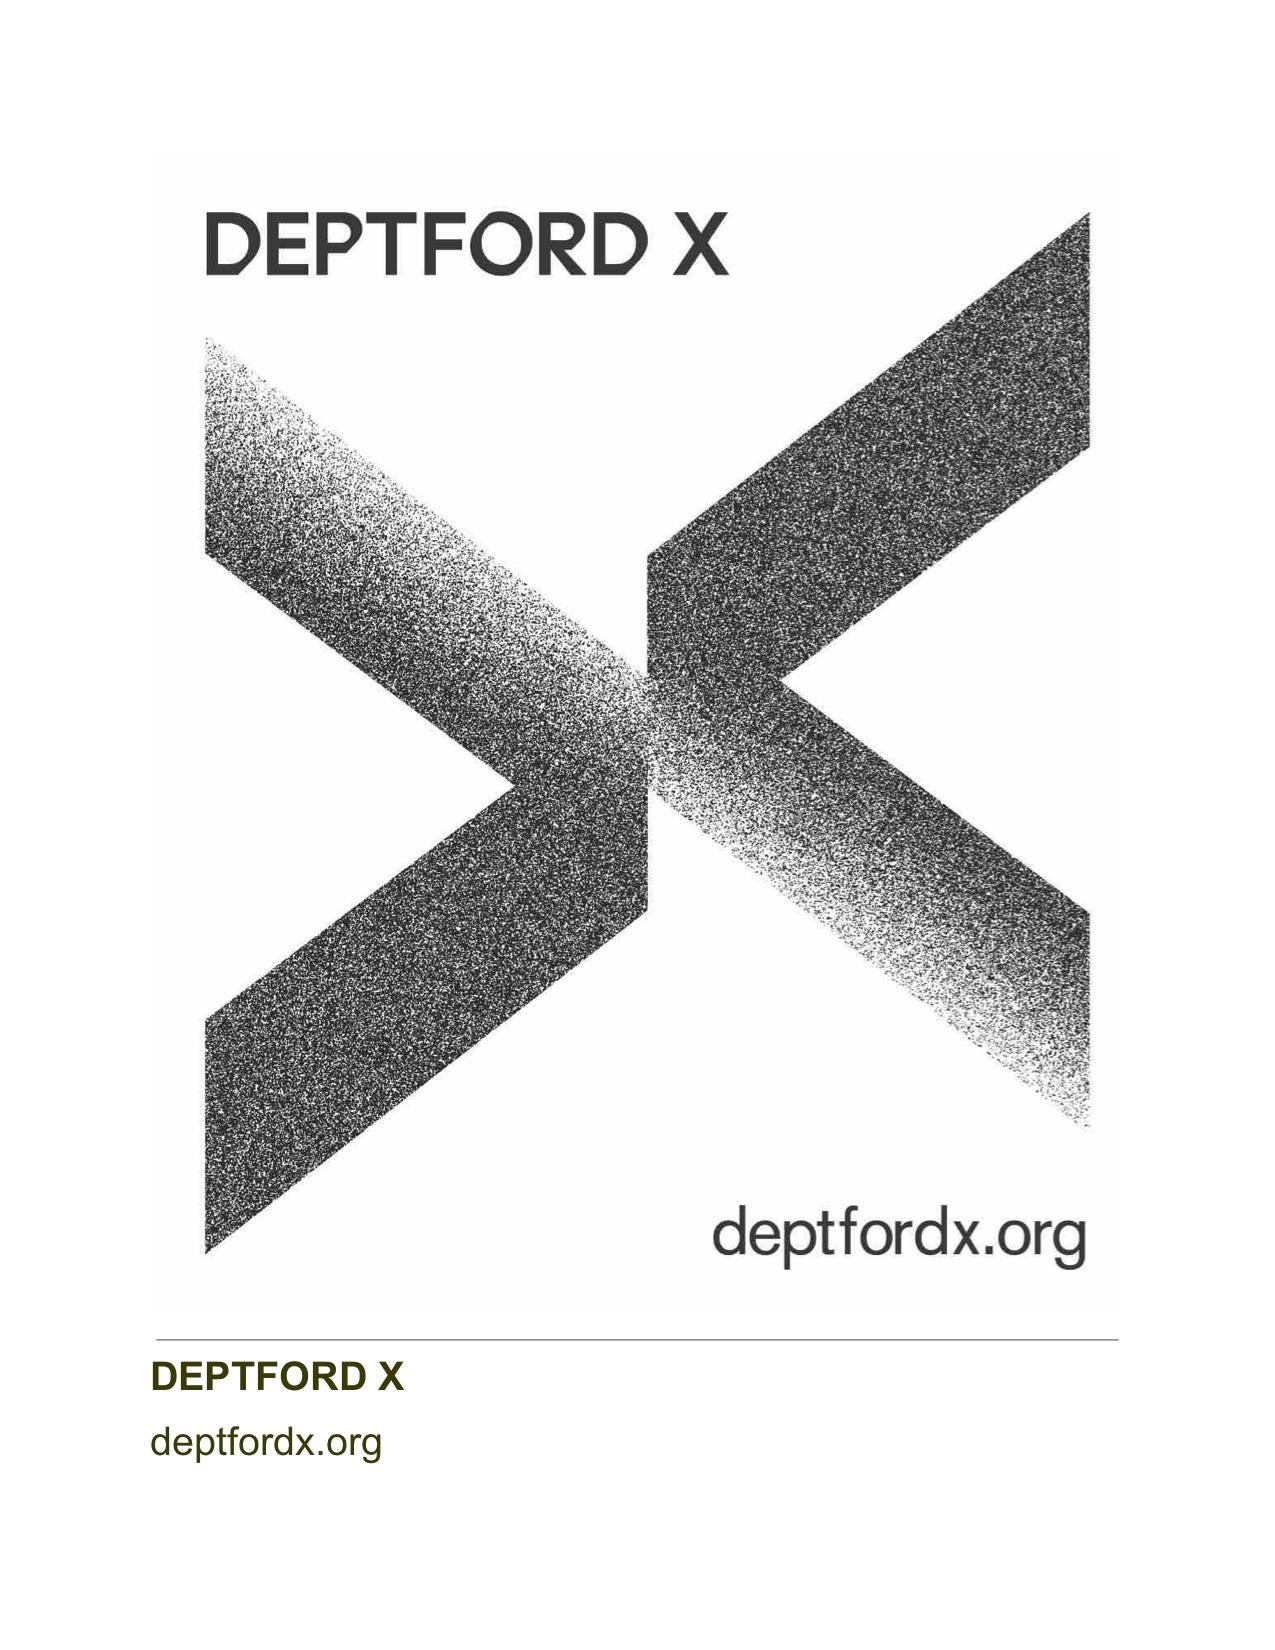 deptfordx.org.jpg